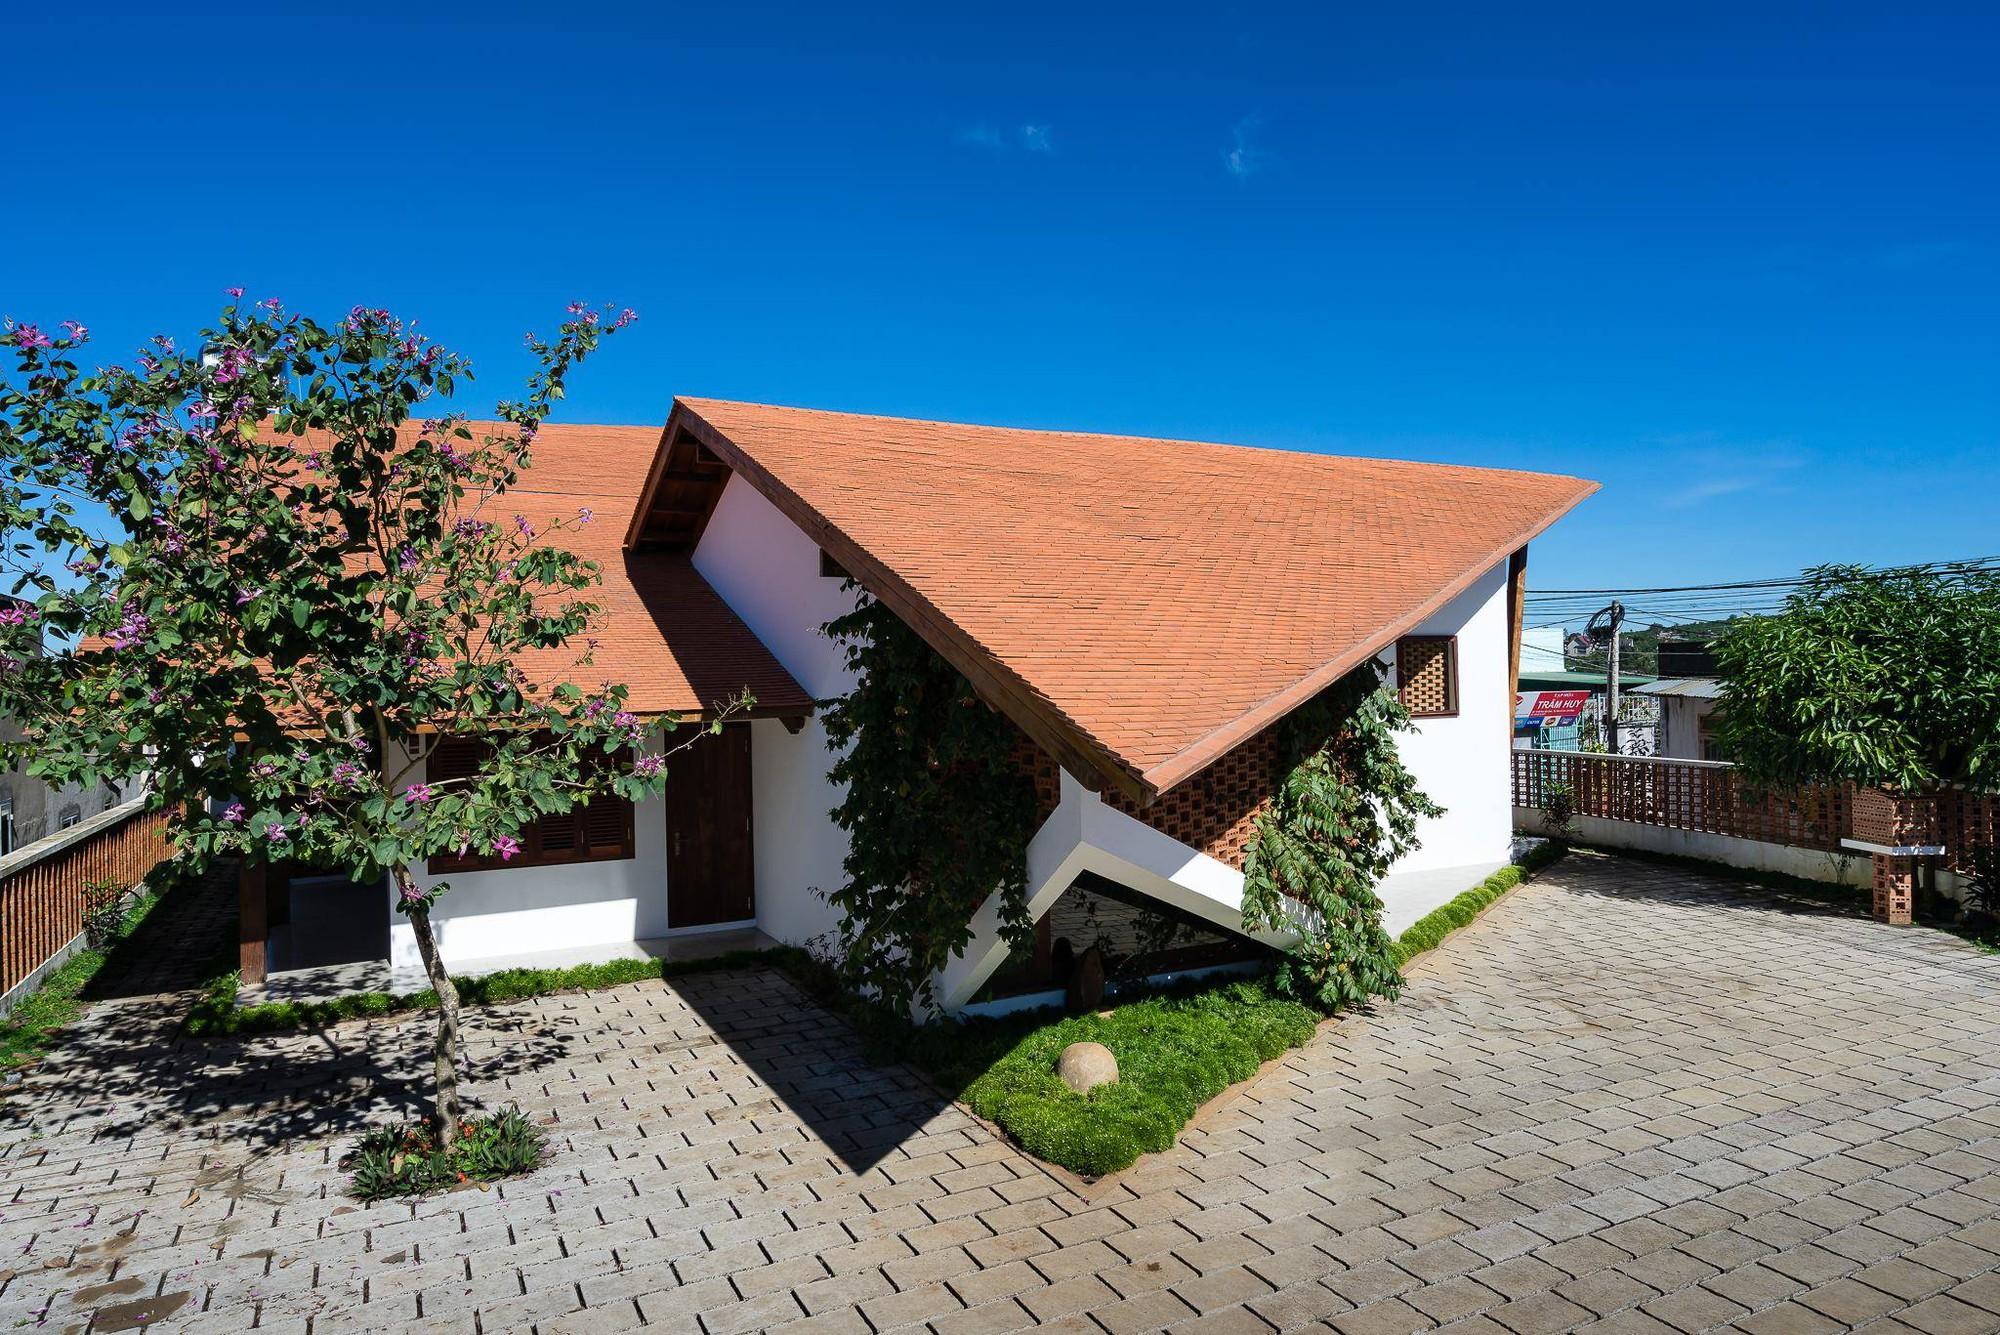 nha-dep-8-15317087448681797145330 Ngôi nhà mái ngói cấp 4 đẹp như resort khiến nhiều người ước mơ ở Lâm Đồng